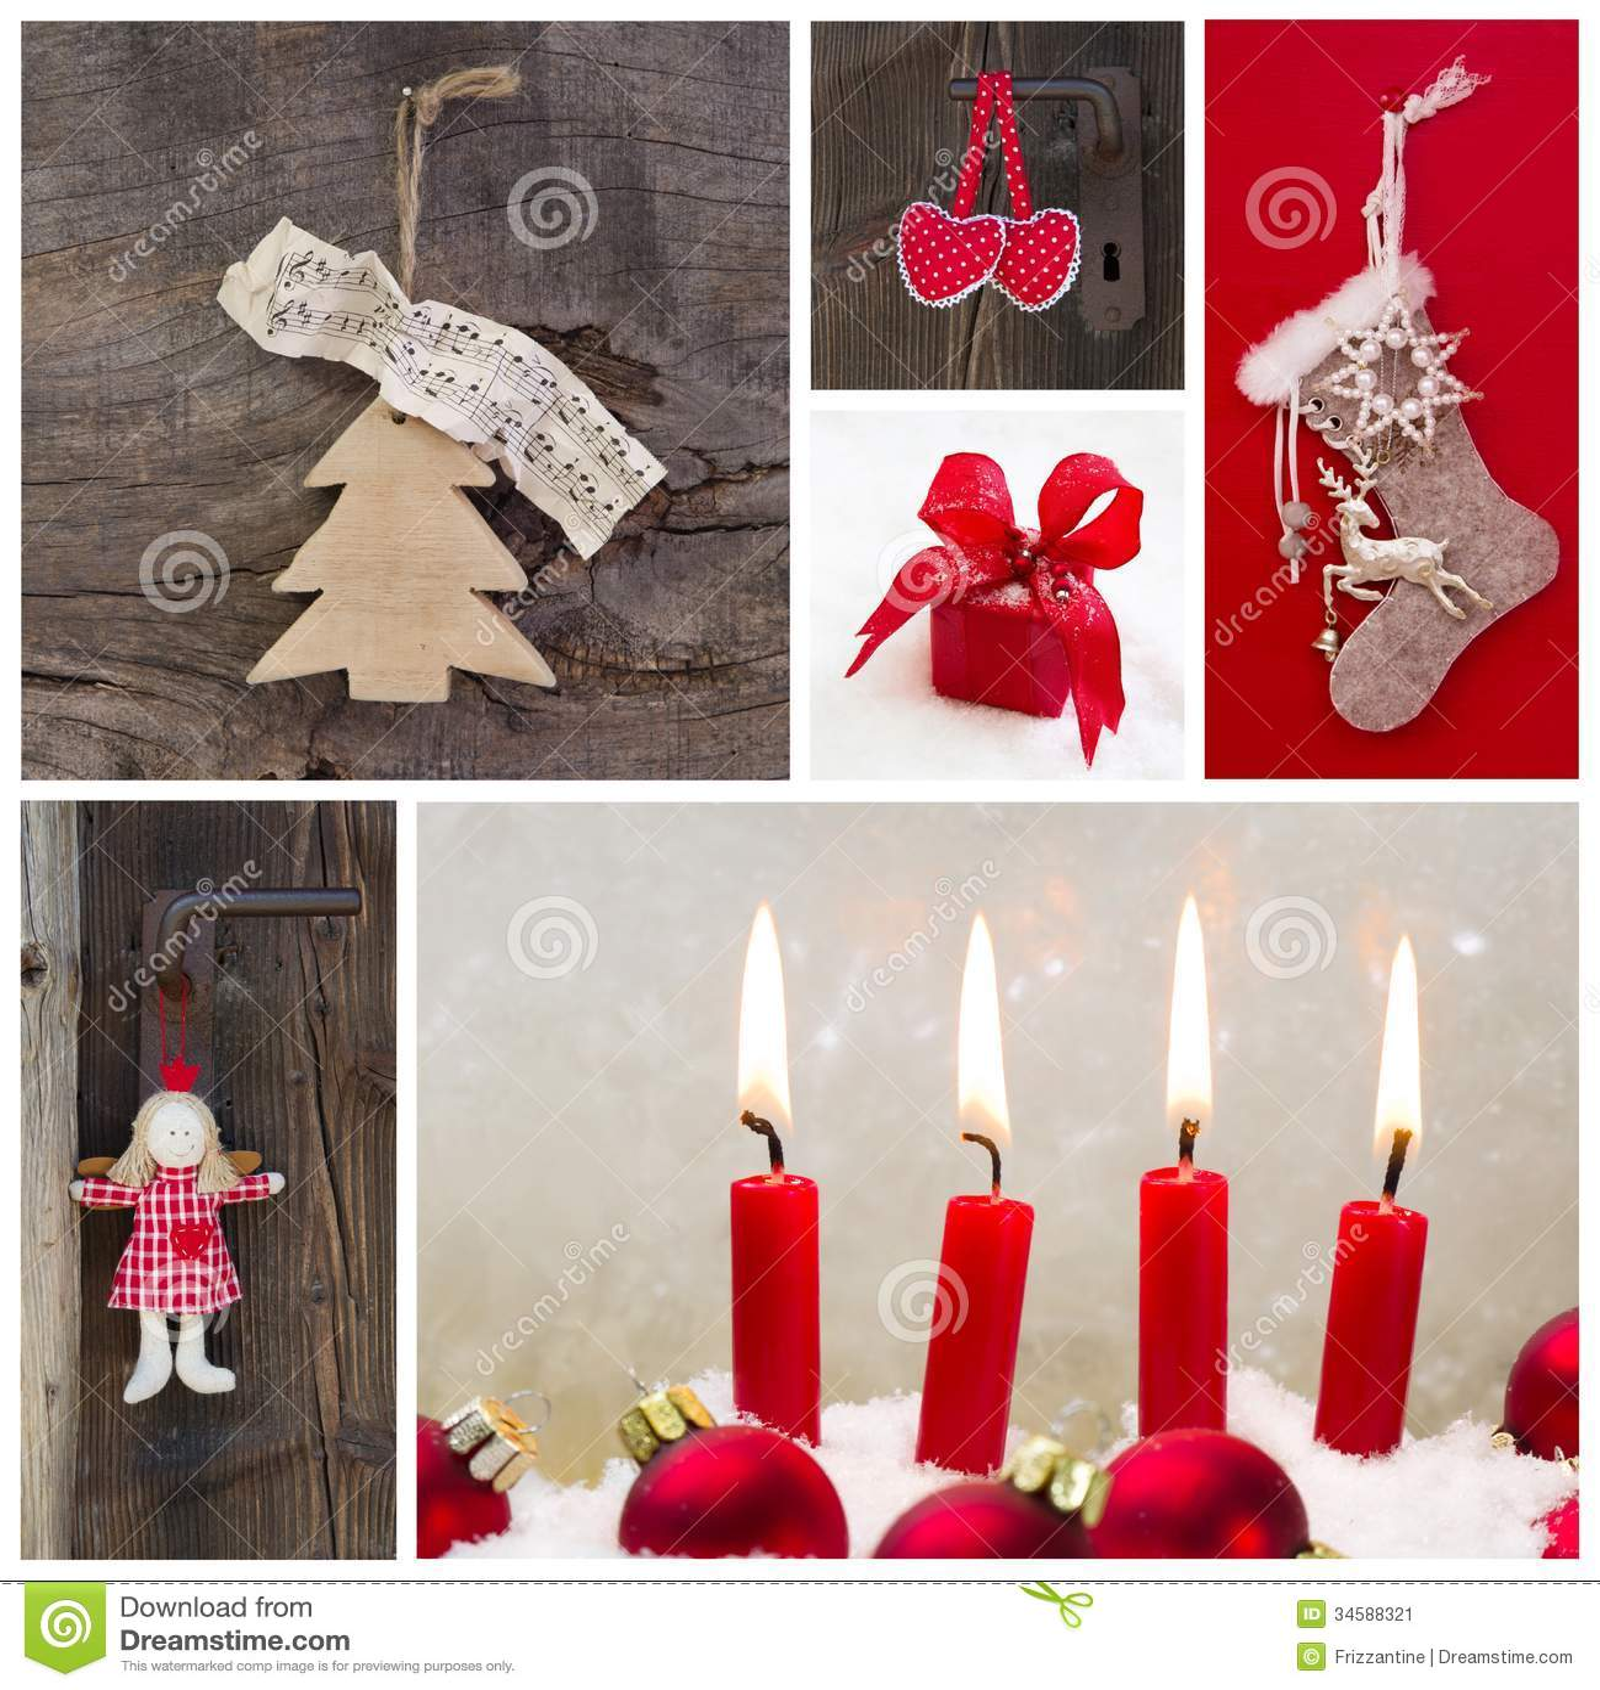 #C1071E Décoration Rustique De Pays Pour Noël En Rouge Et En Bois  6029 decoration de noel rustique 1300x1390 px @ aertt.com